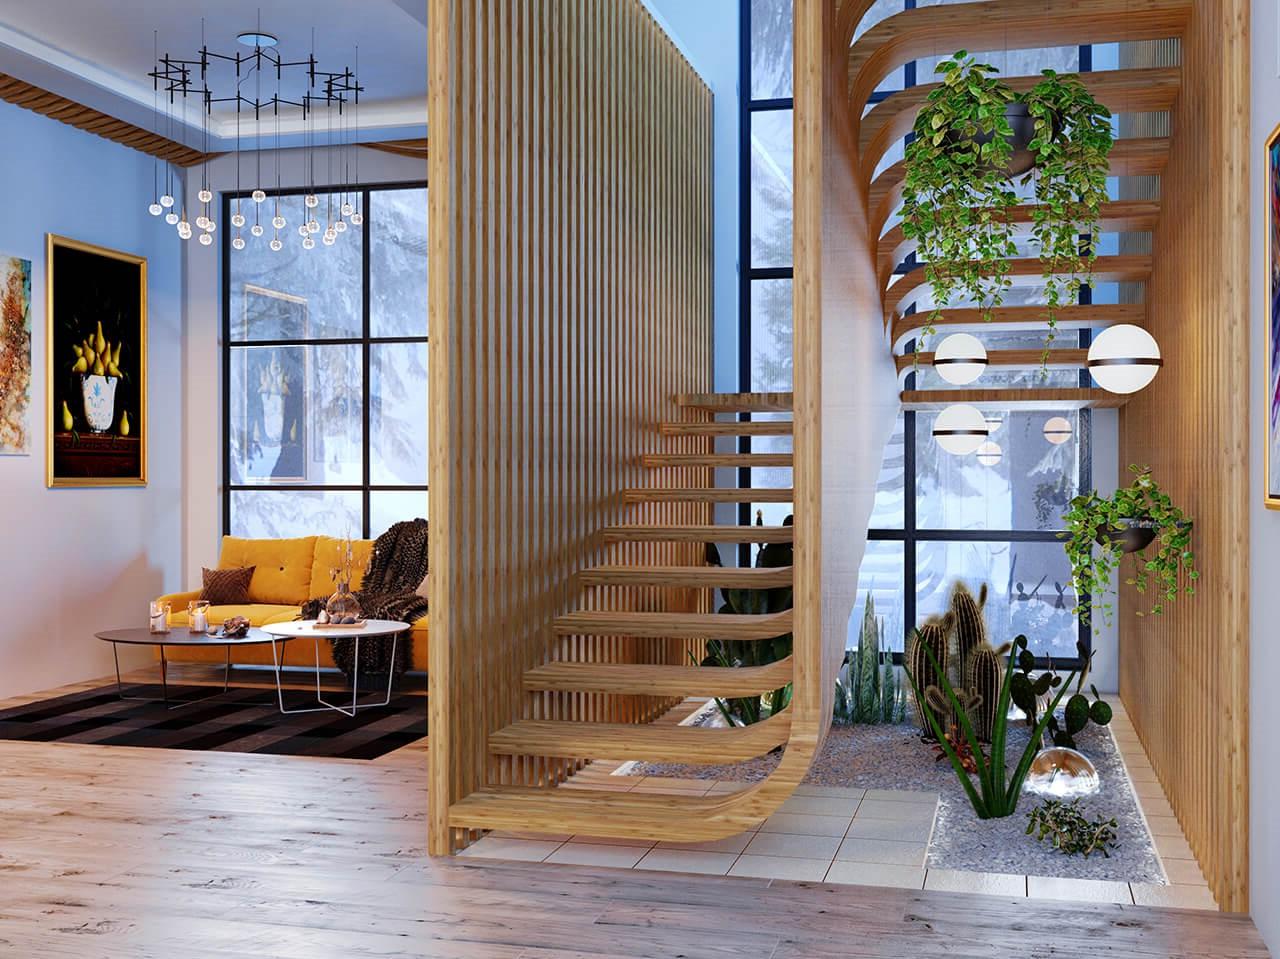 Les plantes peuvent donner vie à n'importe quel espace, même dans un escalier peu éclairé par la lumière naturelle.